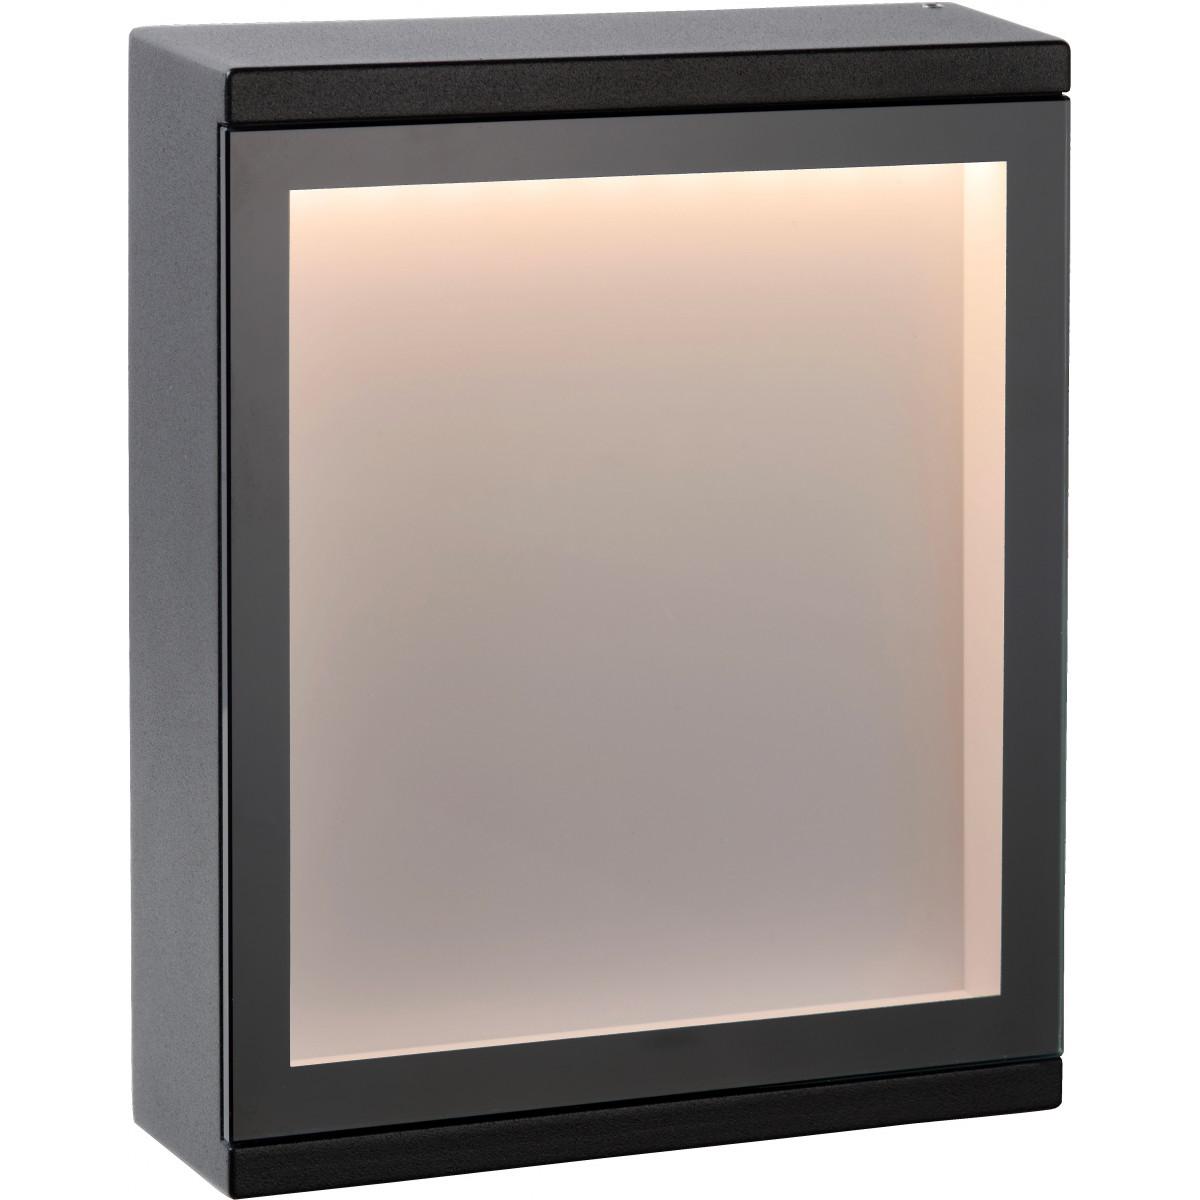 Applique moderne d'extérieur aluminium noir LED